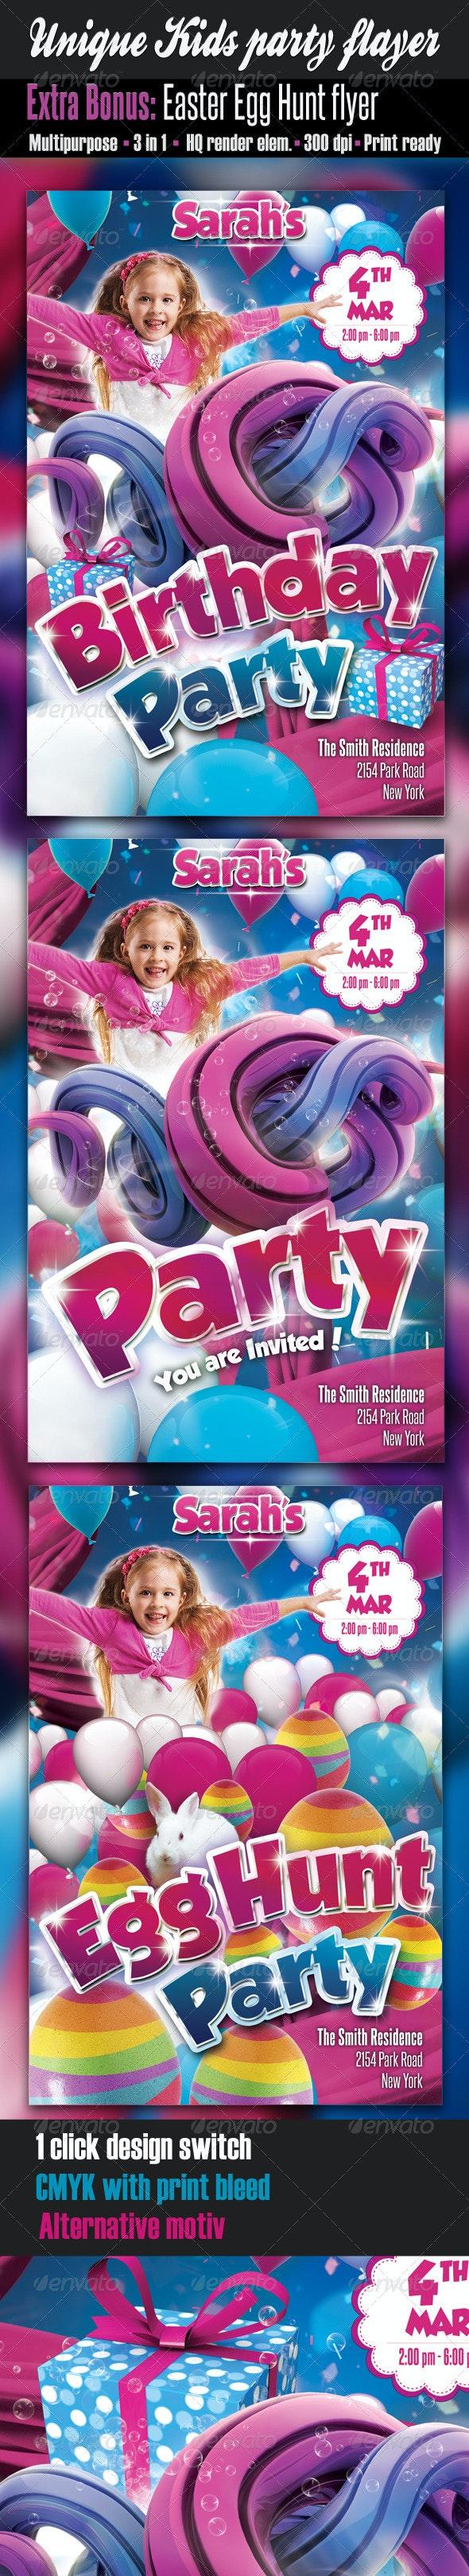 Unique Kids Party Flyer - Clubs & Parties Events